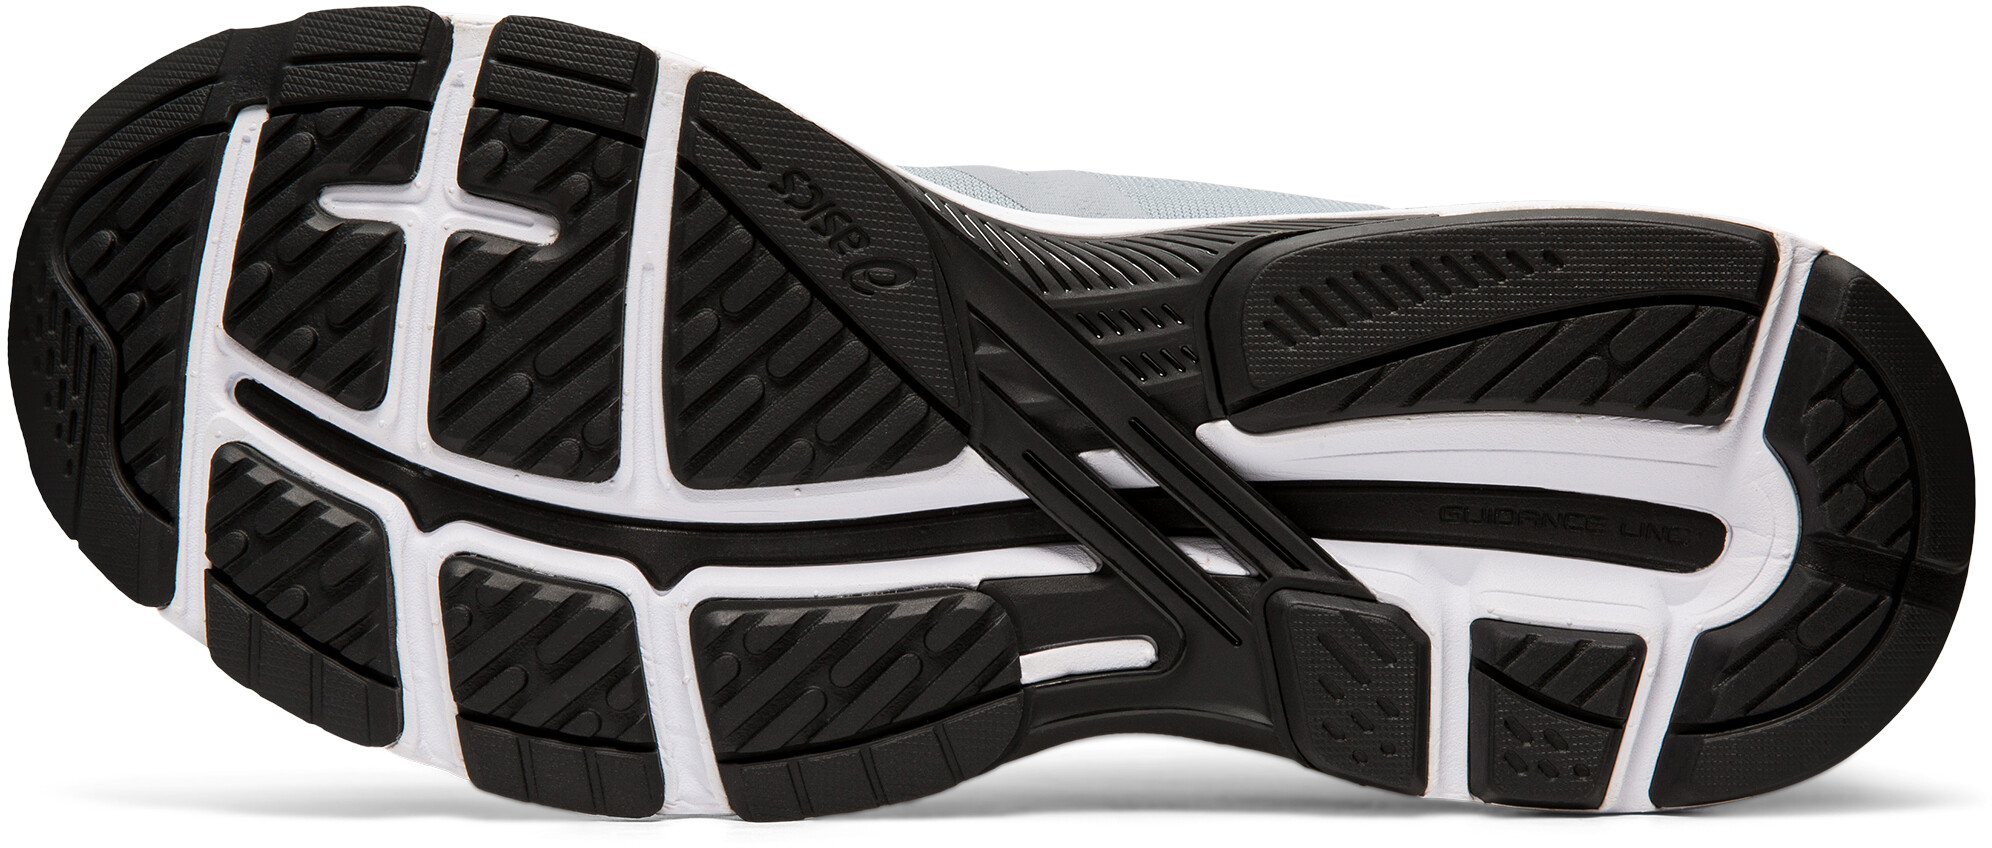 faa678aa6 asics GT-2000 7 Shoes Herrer, sheet rock/sheet rock